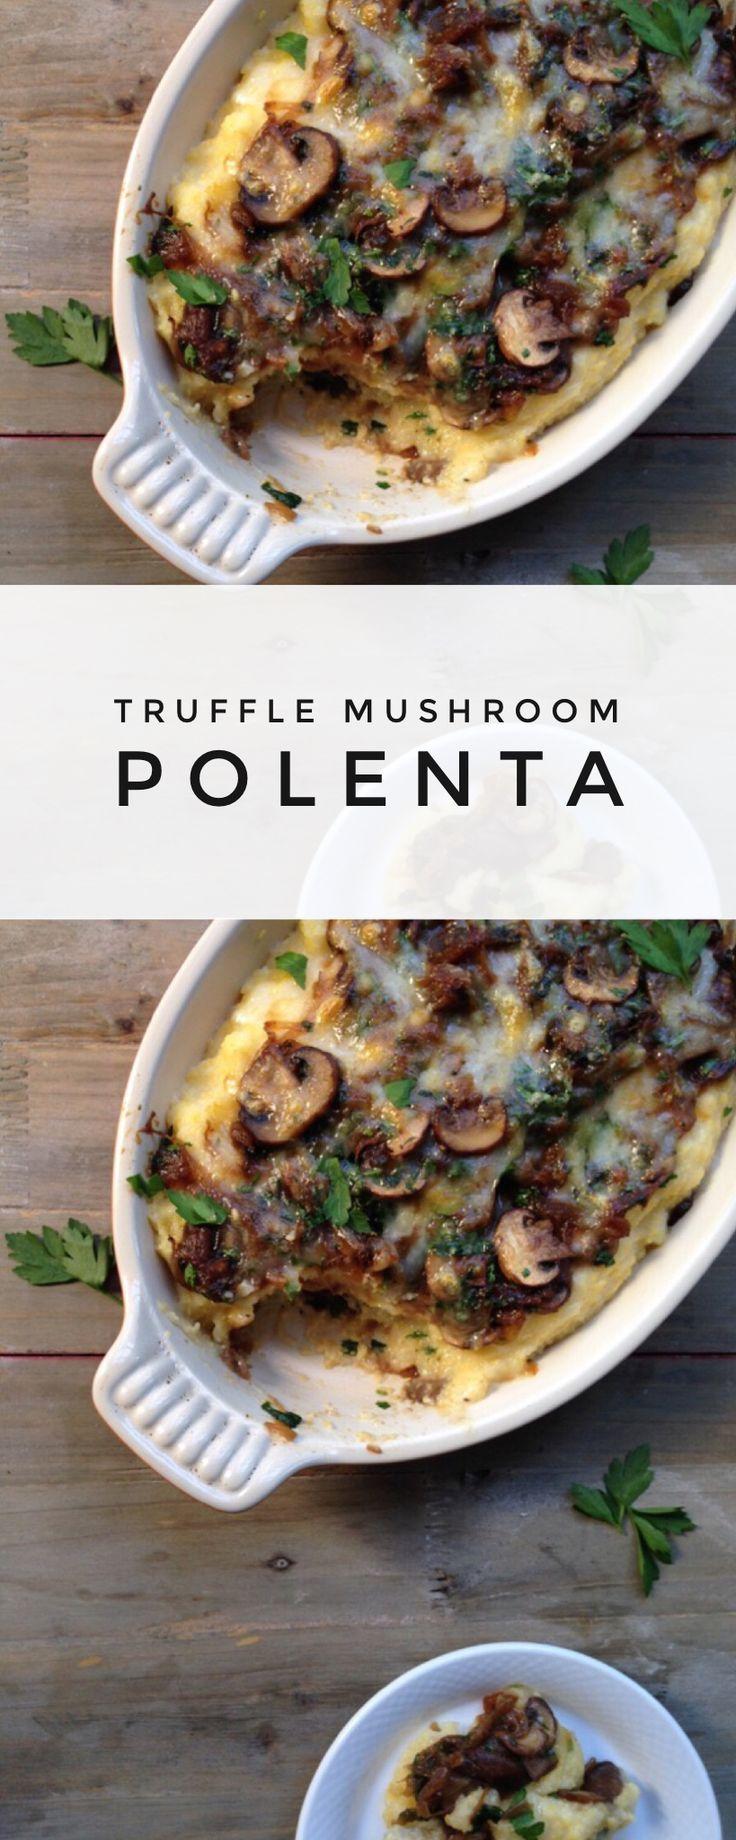 Truffle Mushroom Polenta Gratin Recipe | CiaoFlorentina.com @CiaoFlorentina